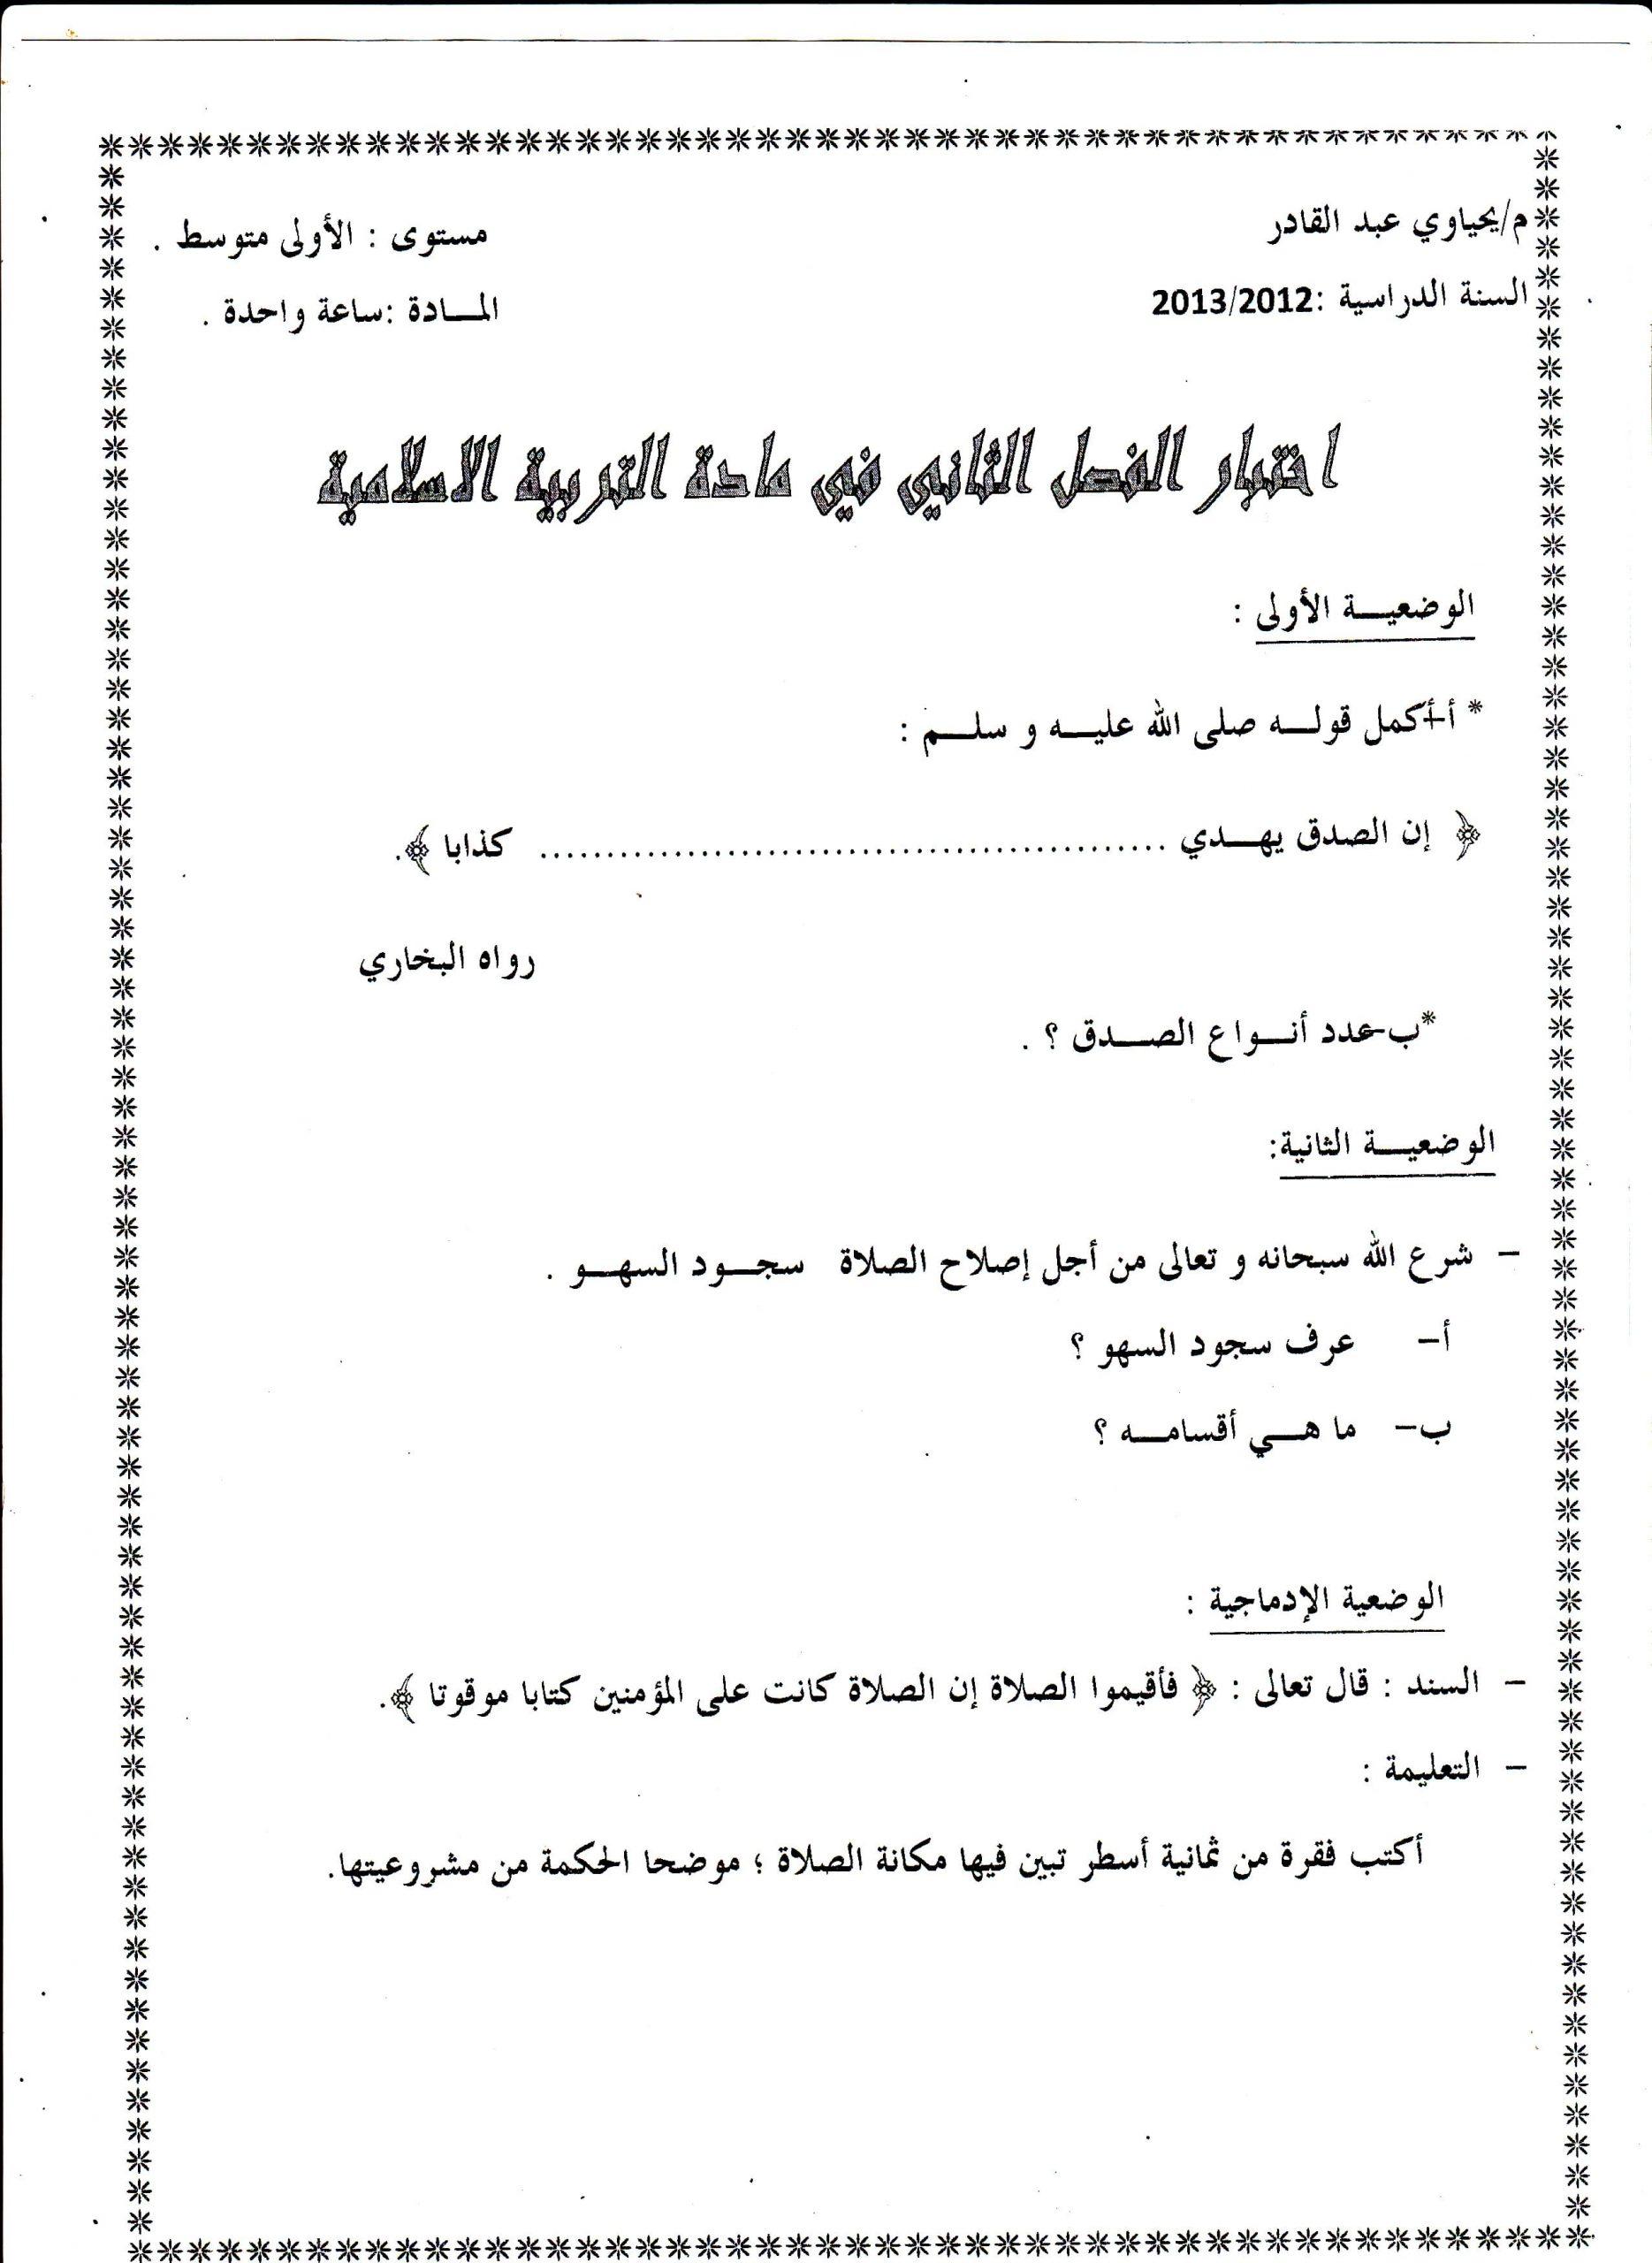 اختبار الفصل الثاني في العلوم الاسلامية للسنة الأولى متوسط - الموضوع 03